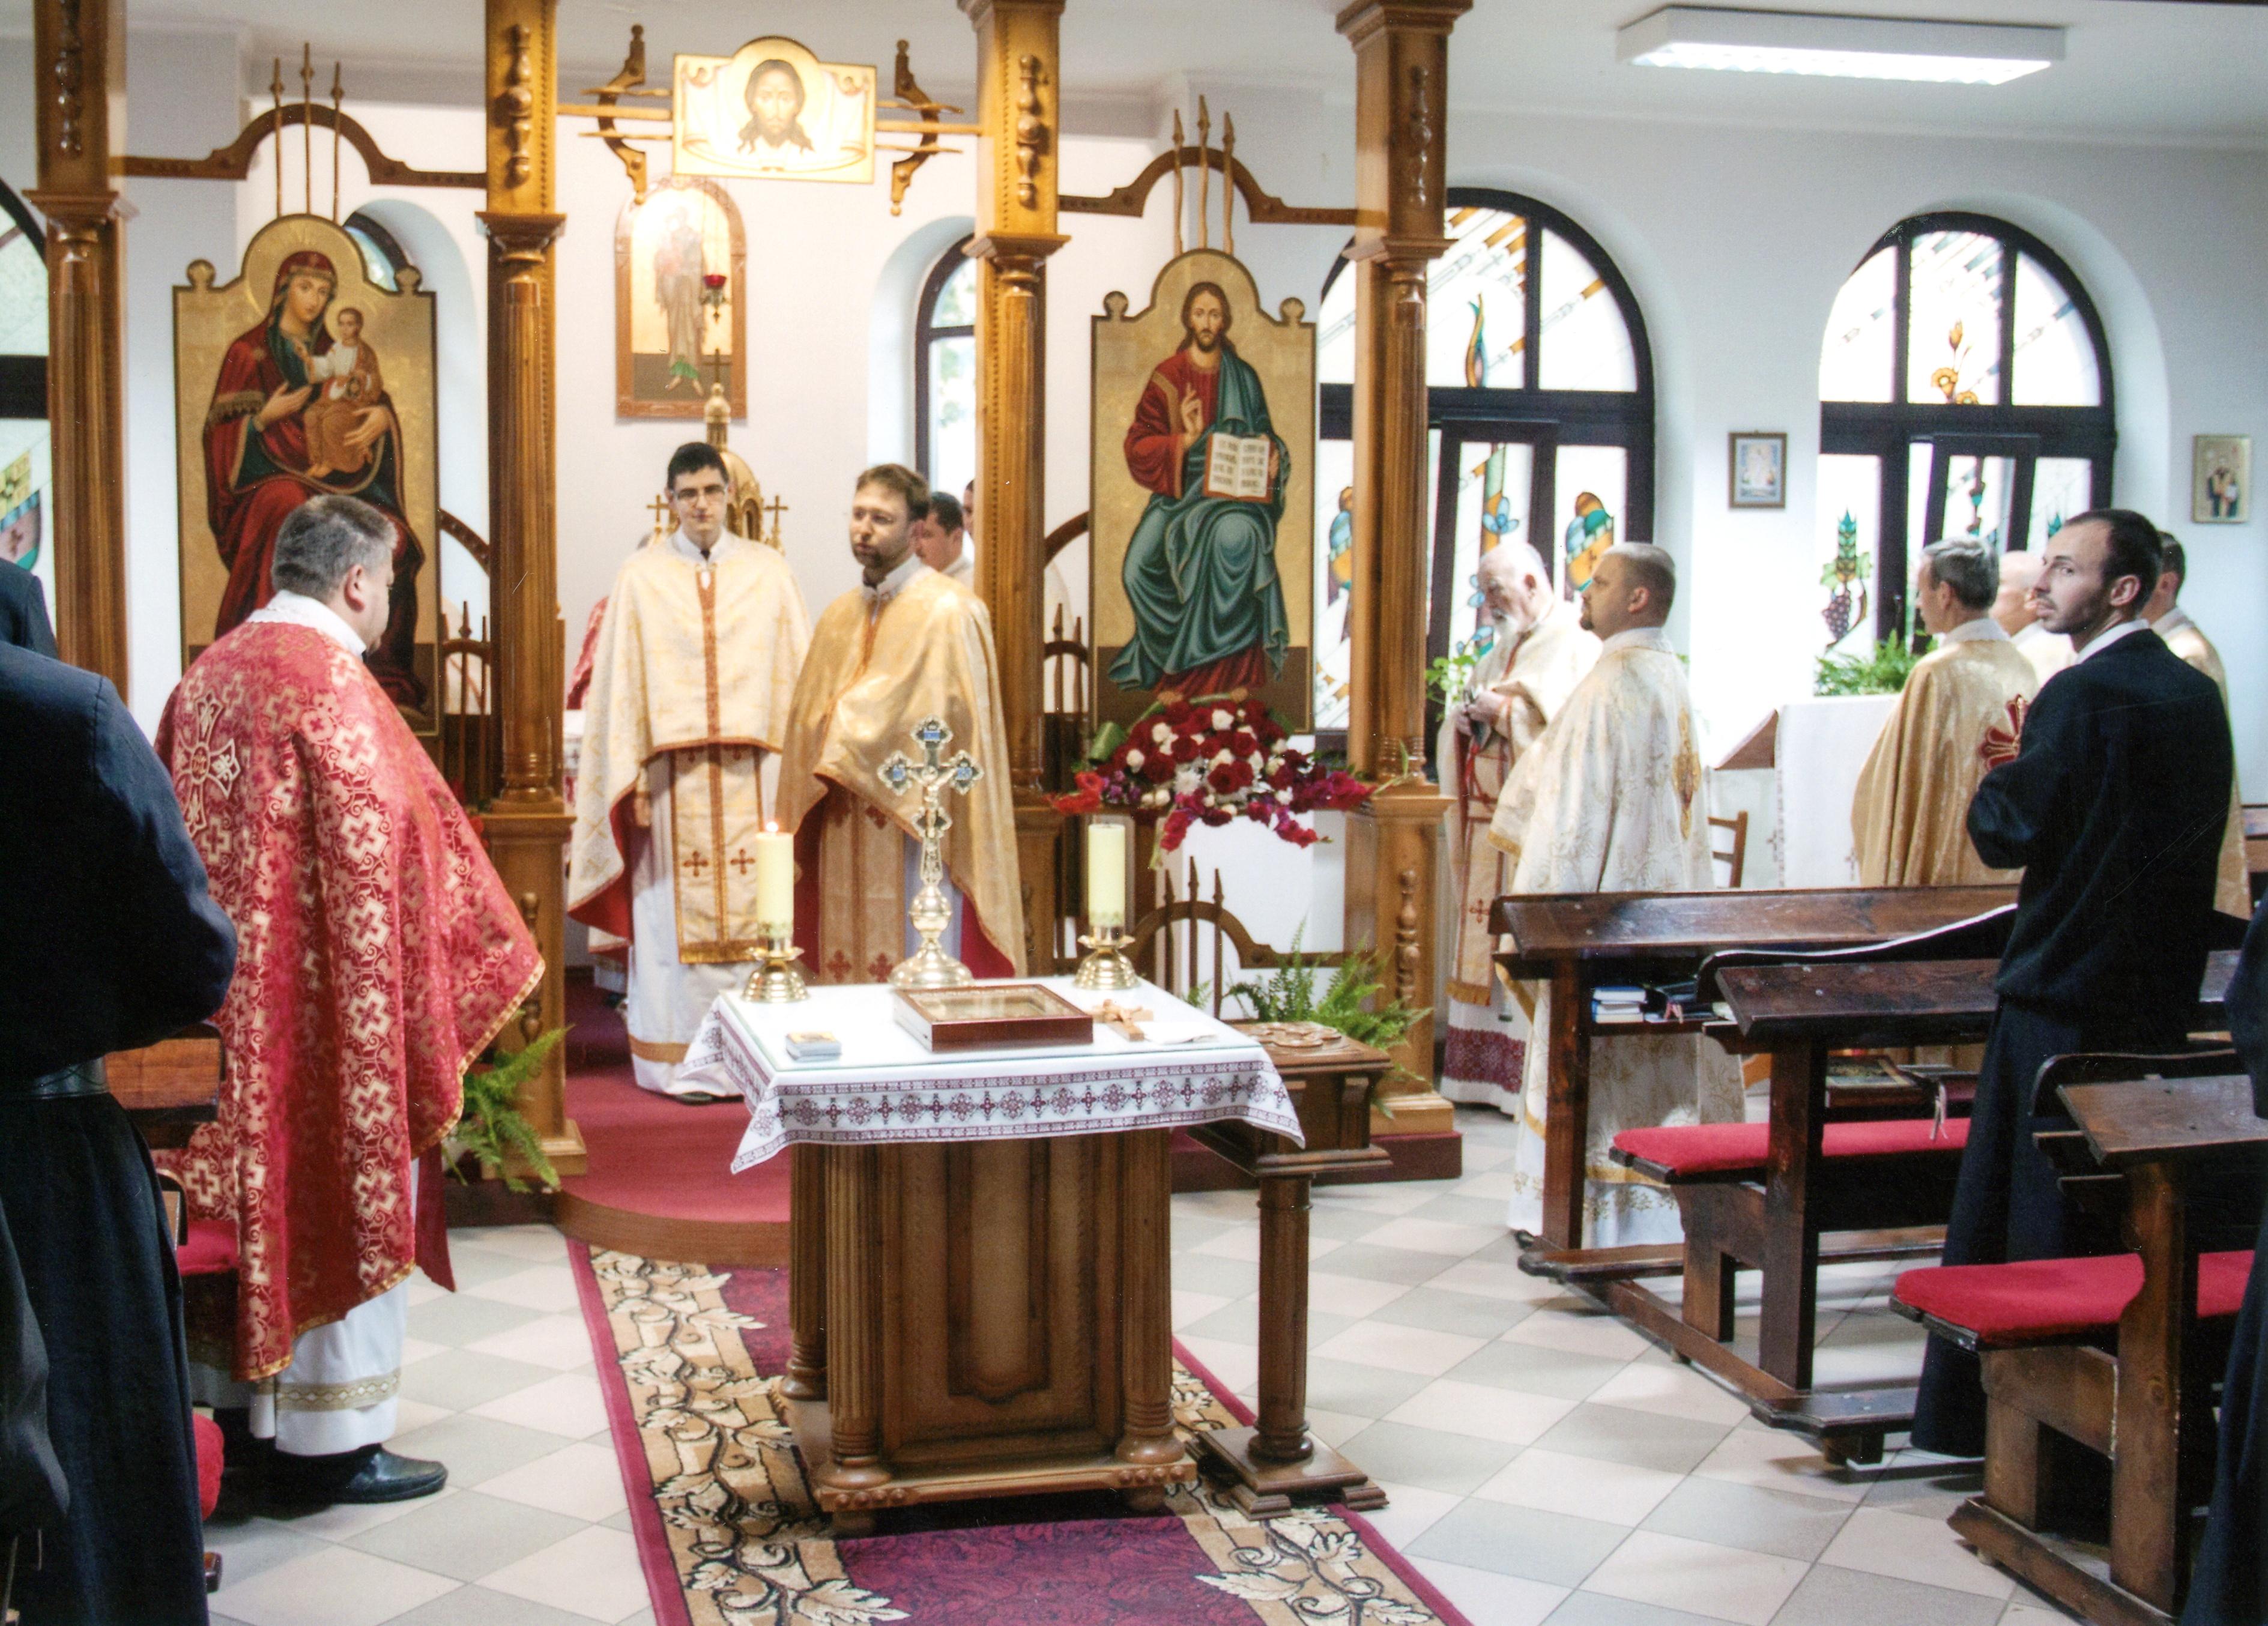 Proyecto de mes: Formación para 49 religiosos en Ucrania